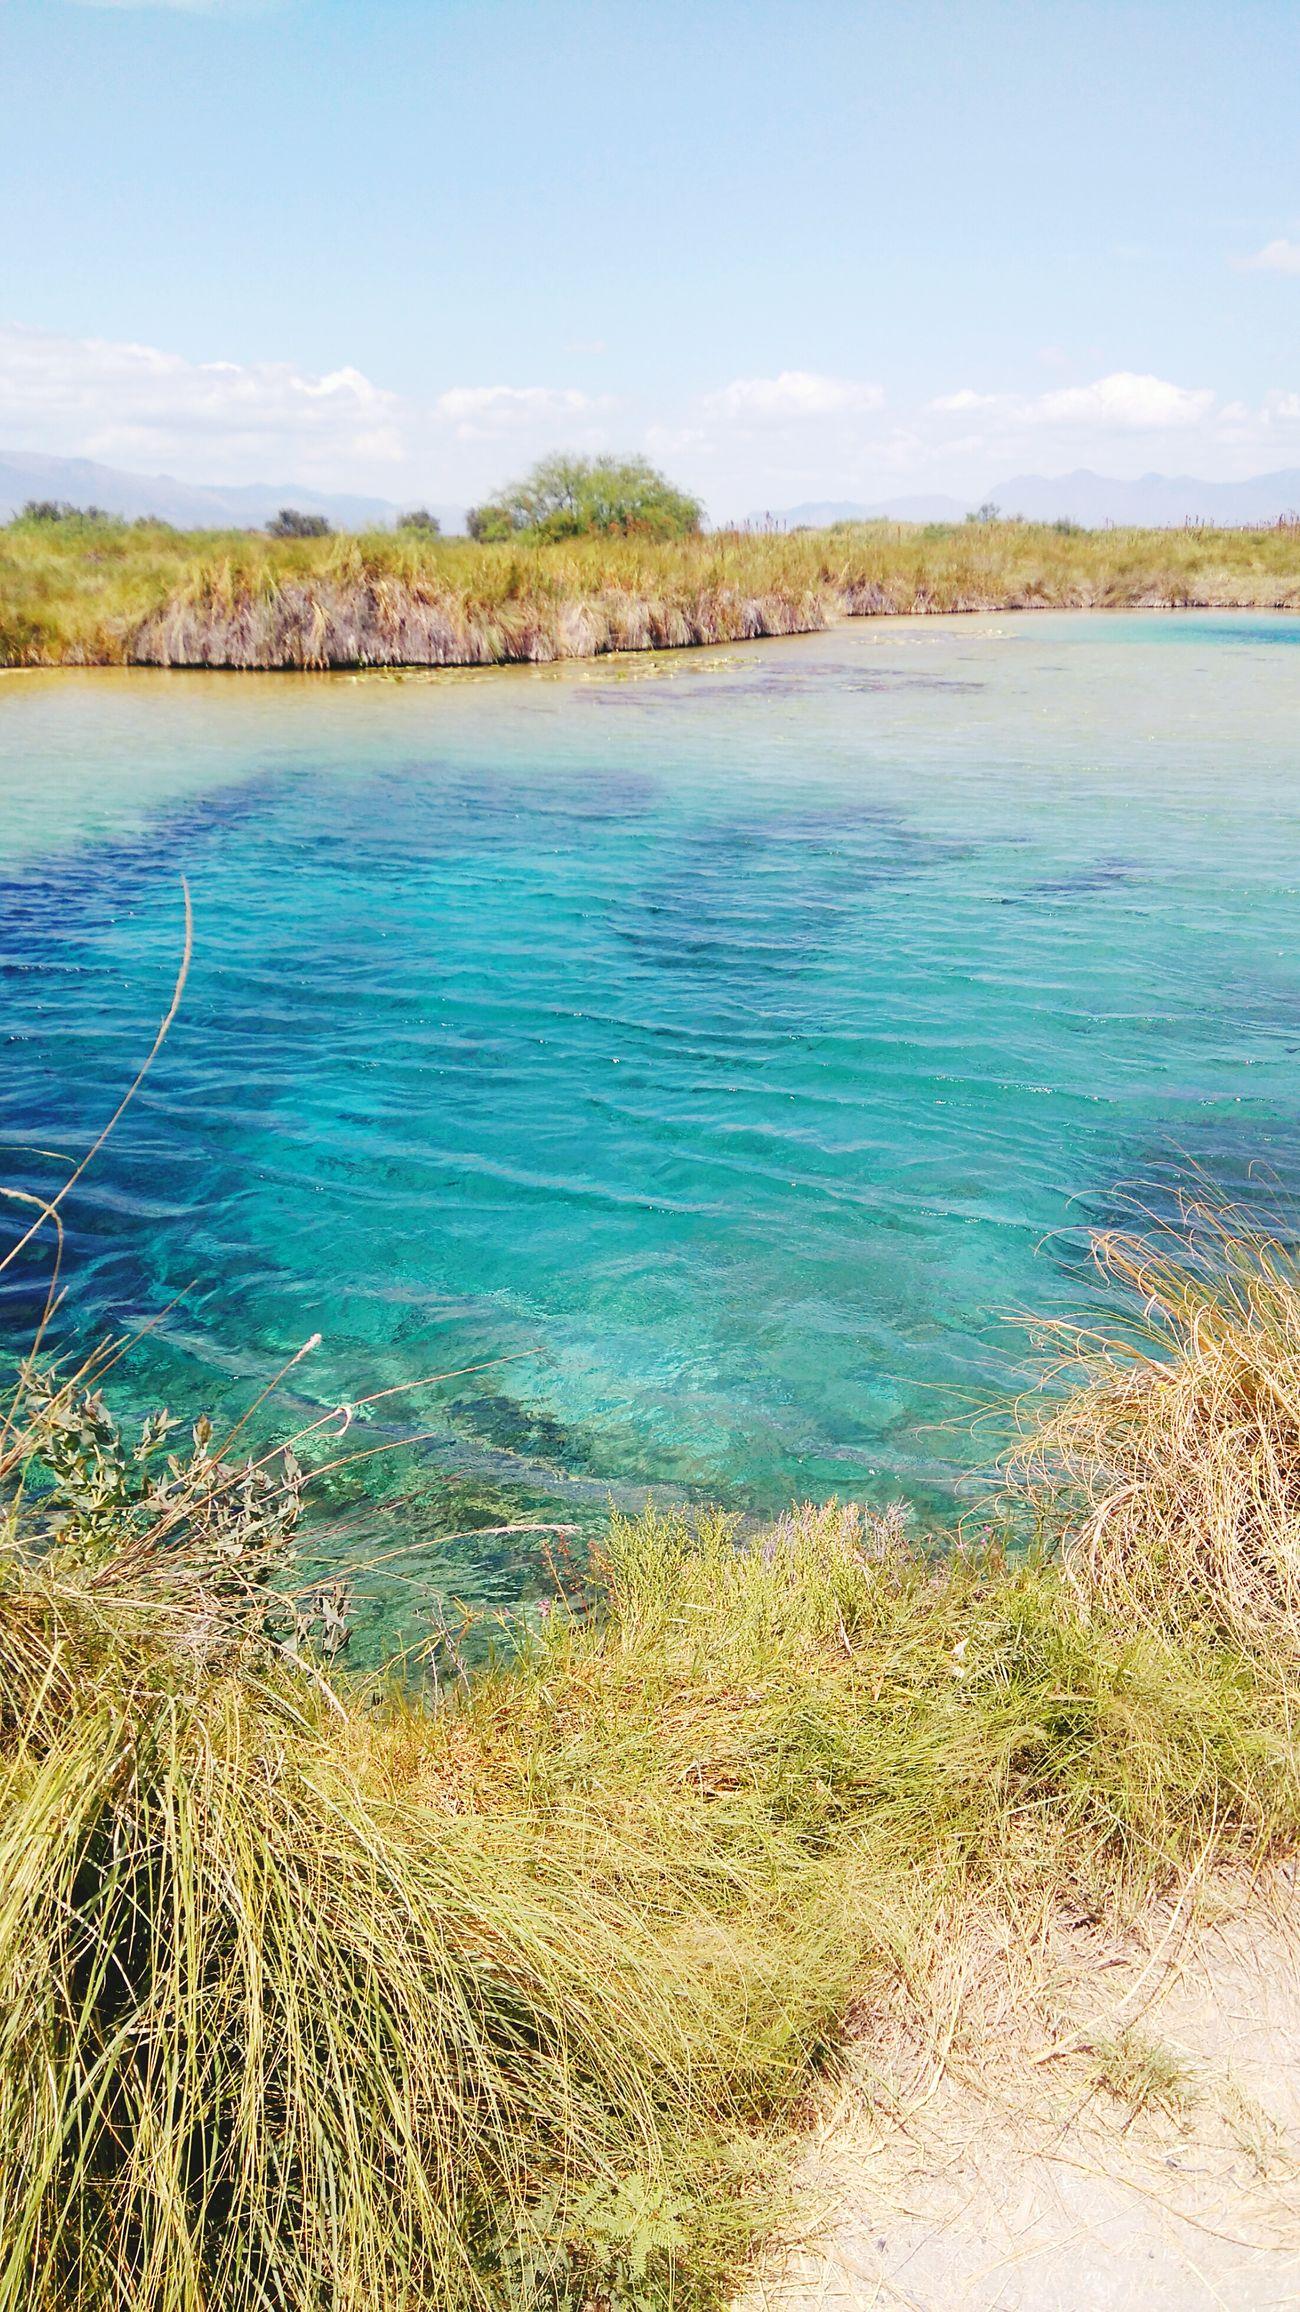 Poza Azul,Oasis en el Desierto de Coahuila, México